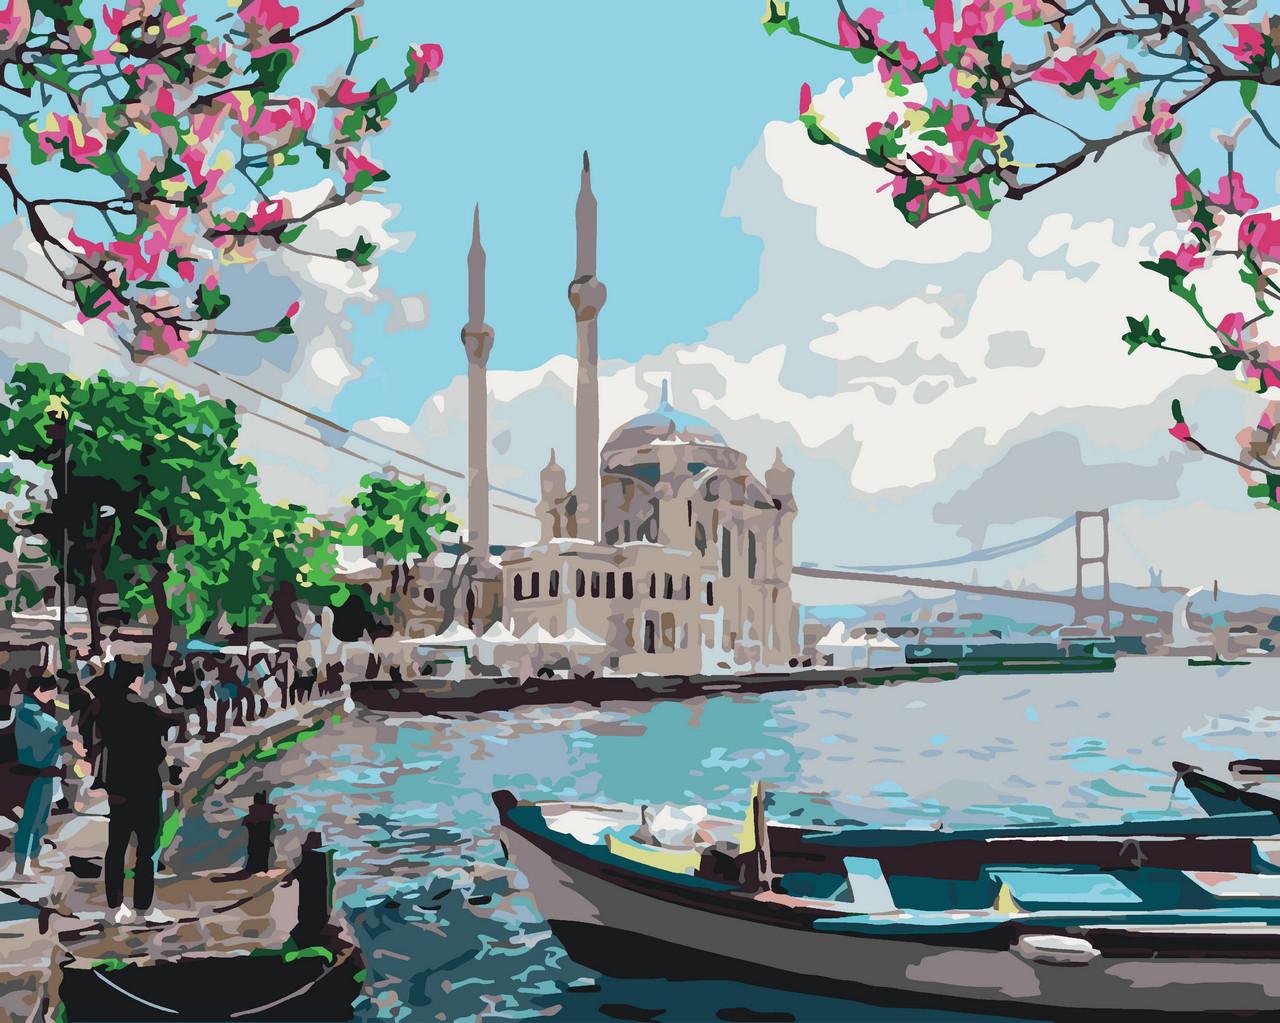 Картина по номерам Турецкое побережье 40 х 50 см (KHO2166)